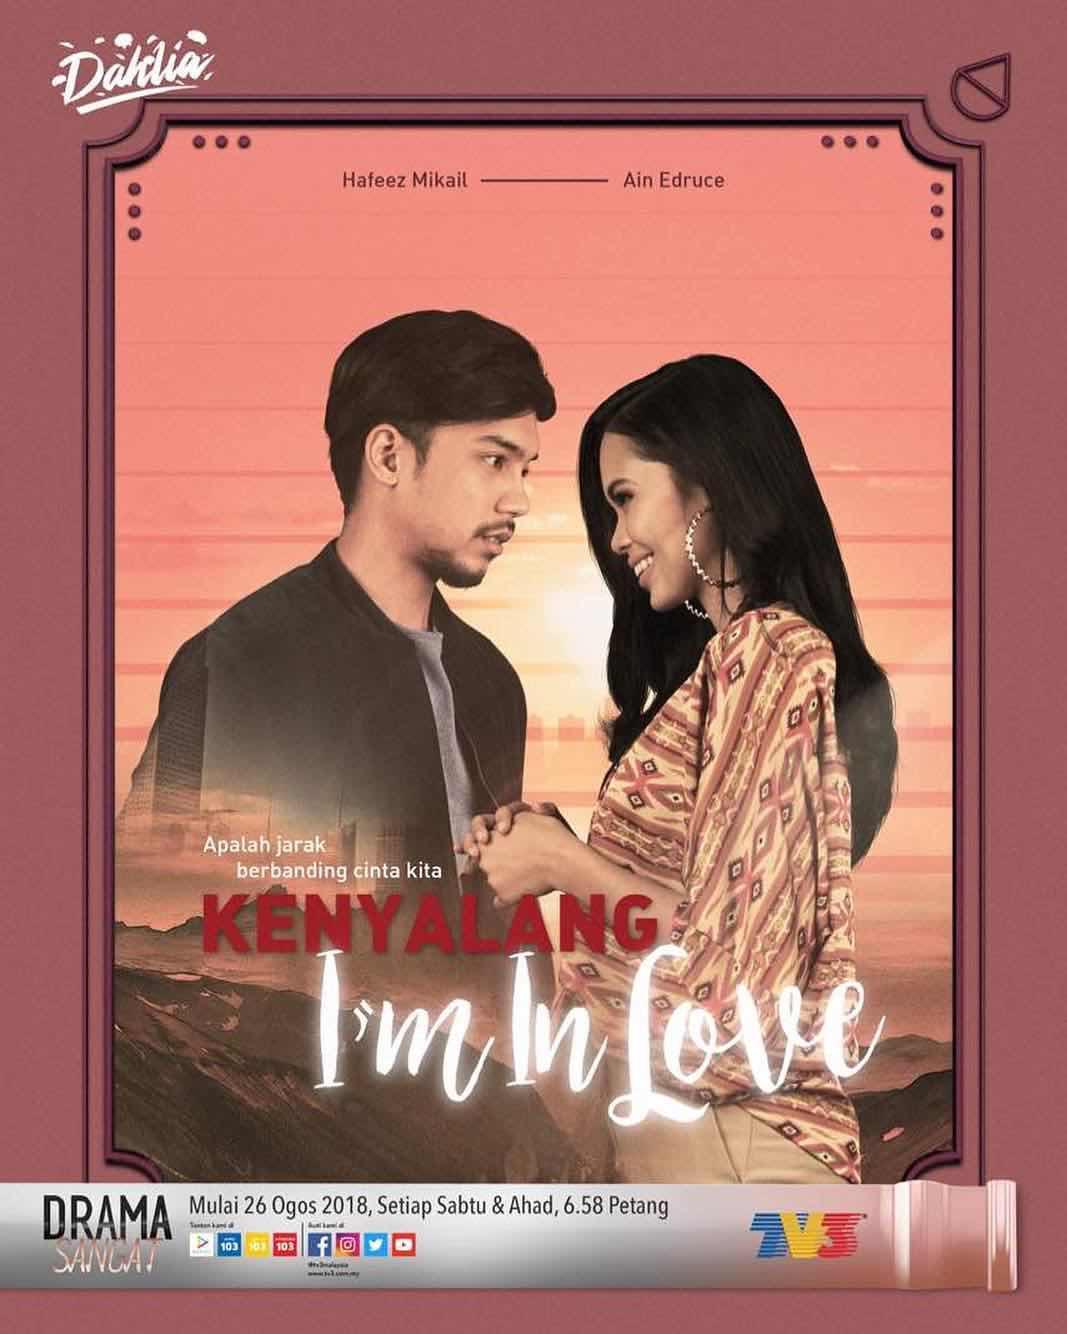 %255BUNSET%255D - Sinopsis Drama Kenyalang I'm In Love (slot Dahlia TV3)